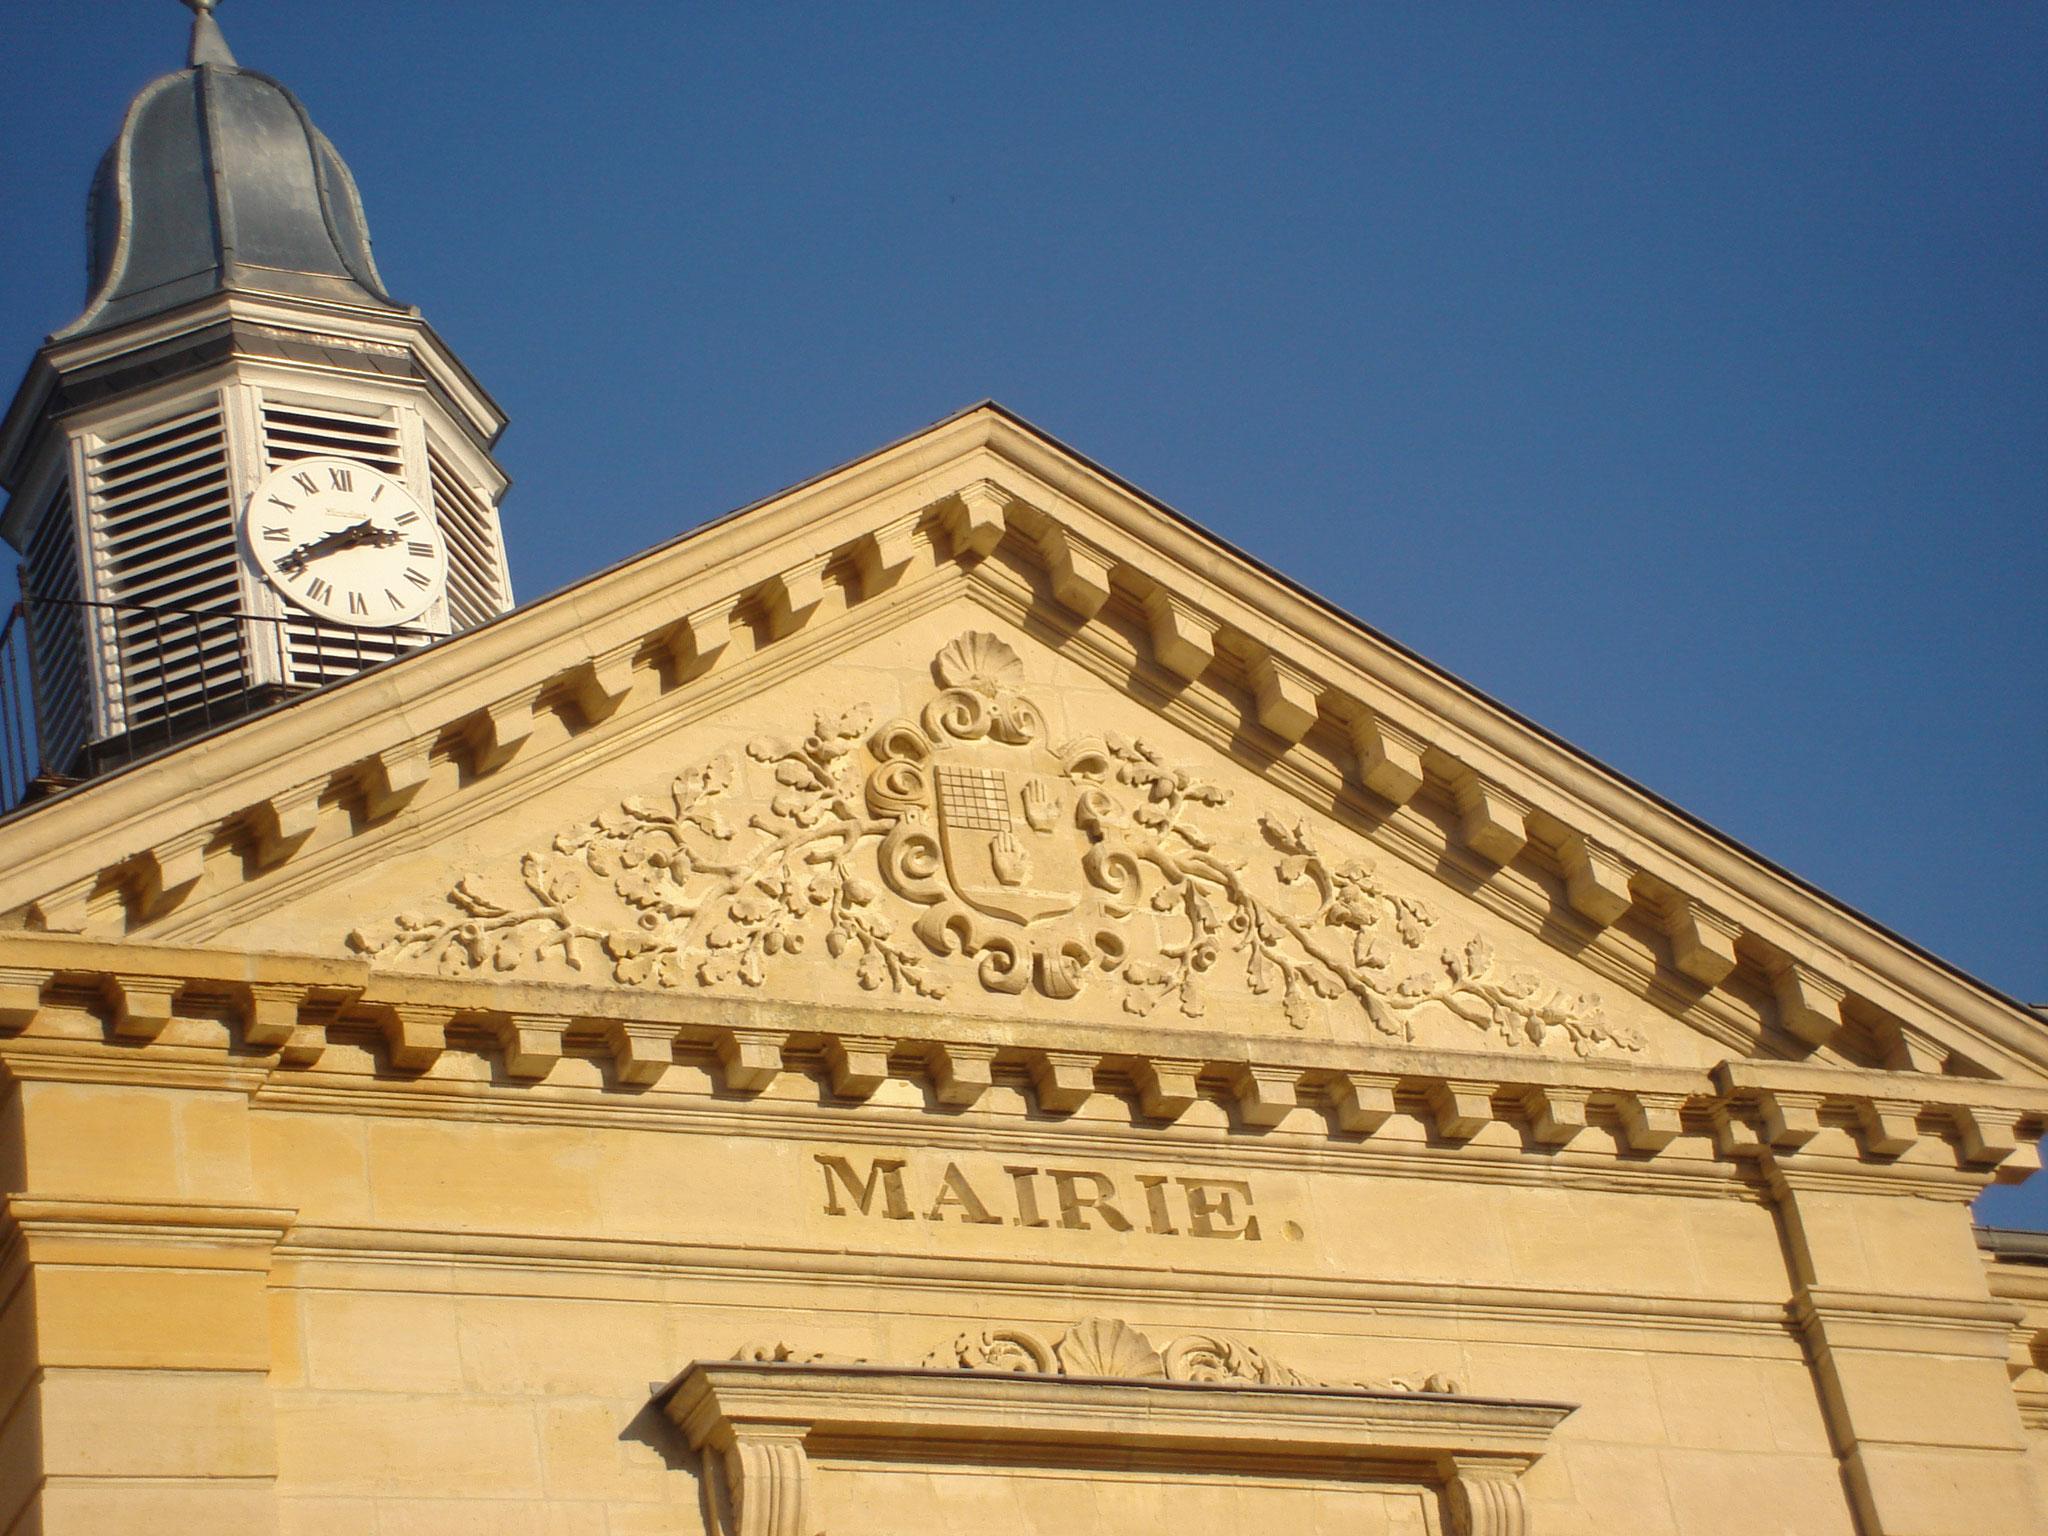 L'Hôtel de Ville / l'Horloge & le Fronton